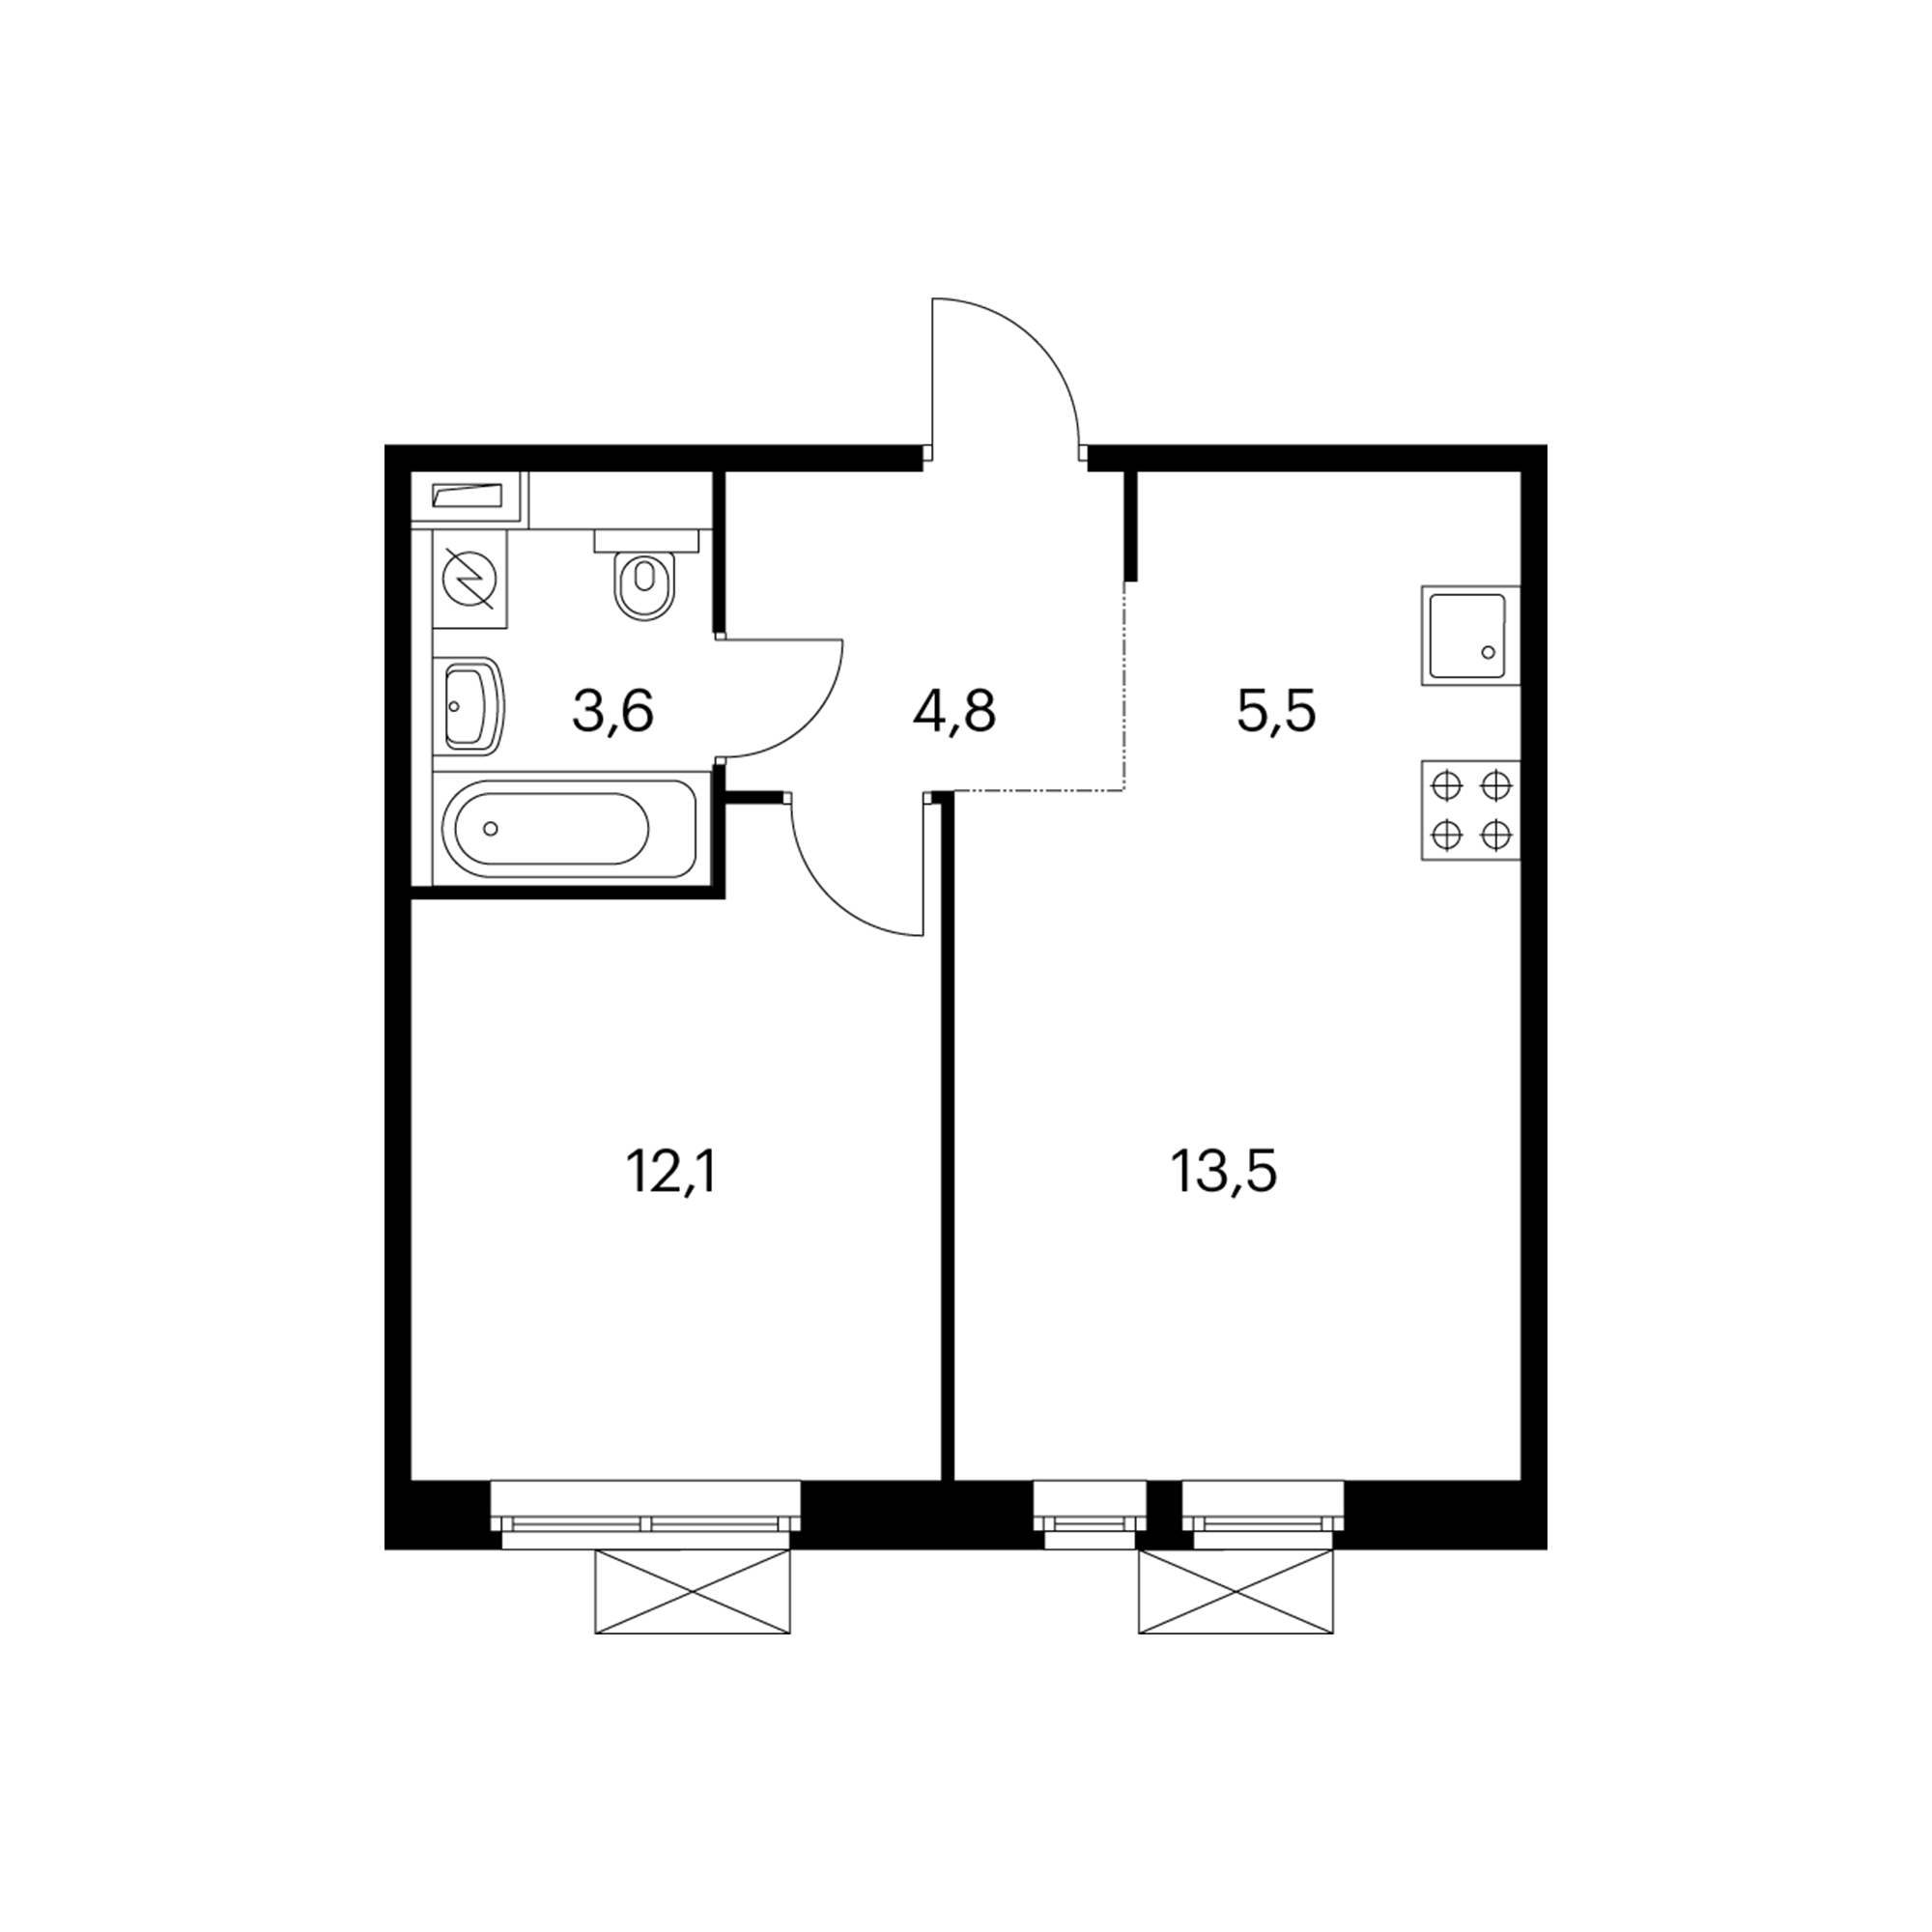 2NS3_6.9-1_S_A2